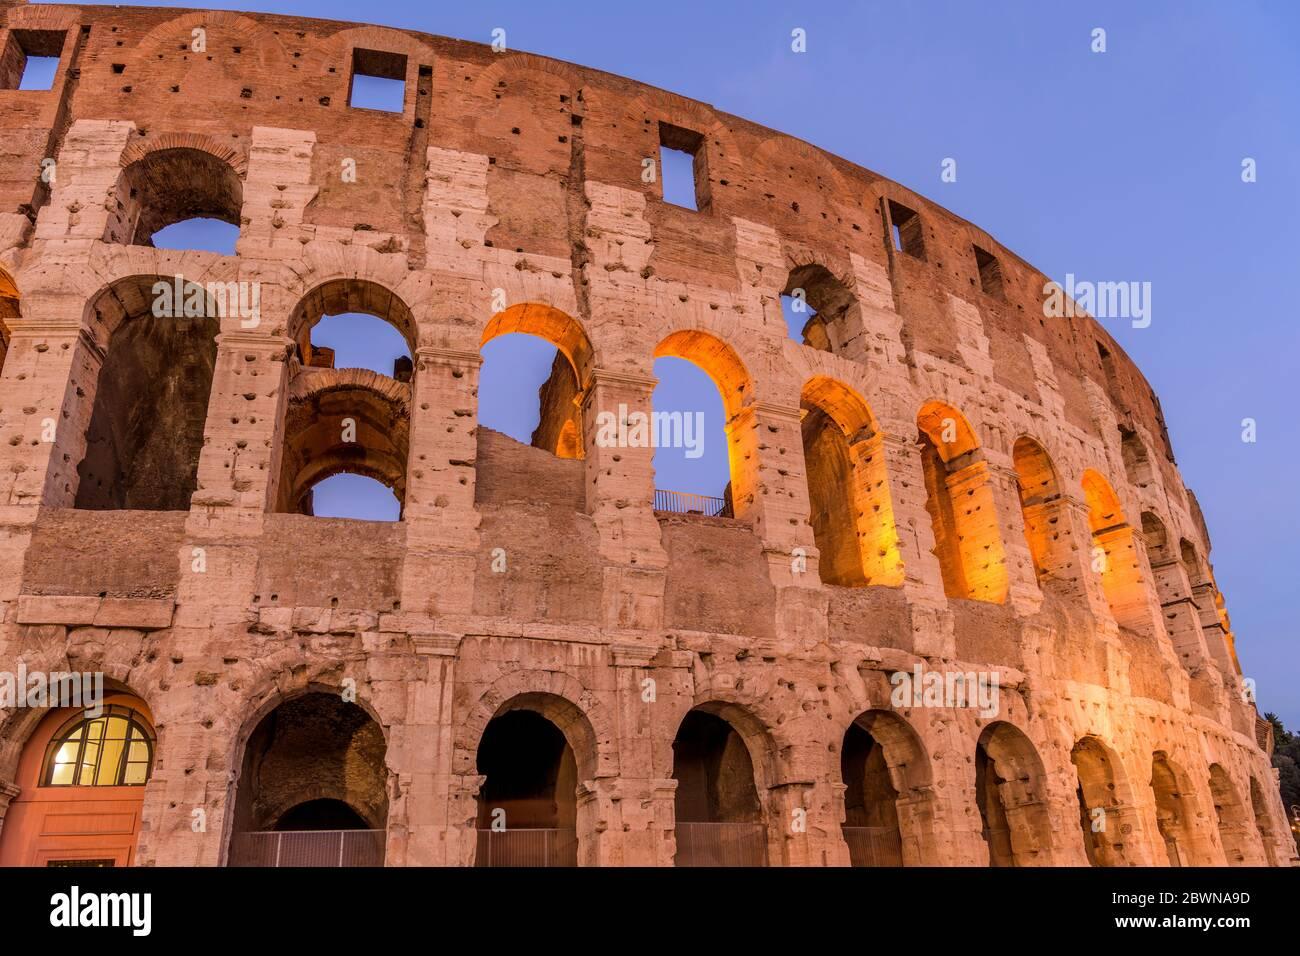 Parete esterna del Colosseo - Vista ravvicinata dal crepuscolo a basso angolo della sezione superiore della parete sud-ovest del Colosseo, contro il cielo blu chiaro. Roma, Italia. Foto Stock